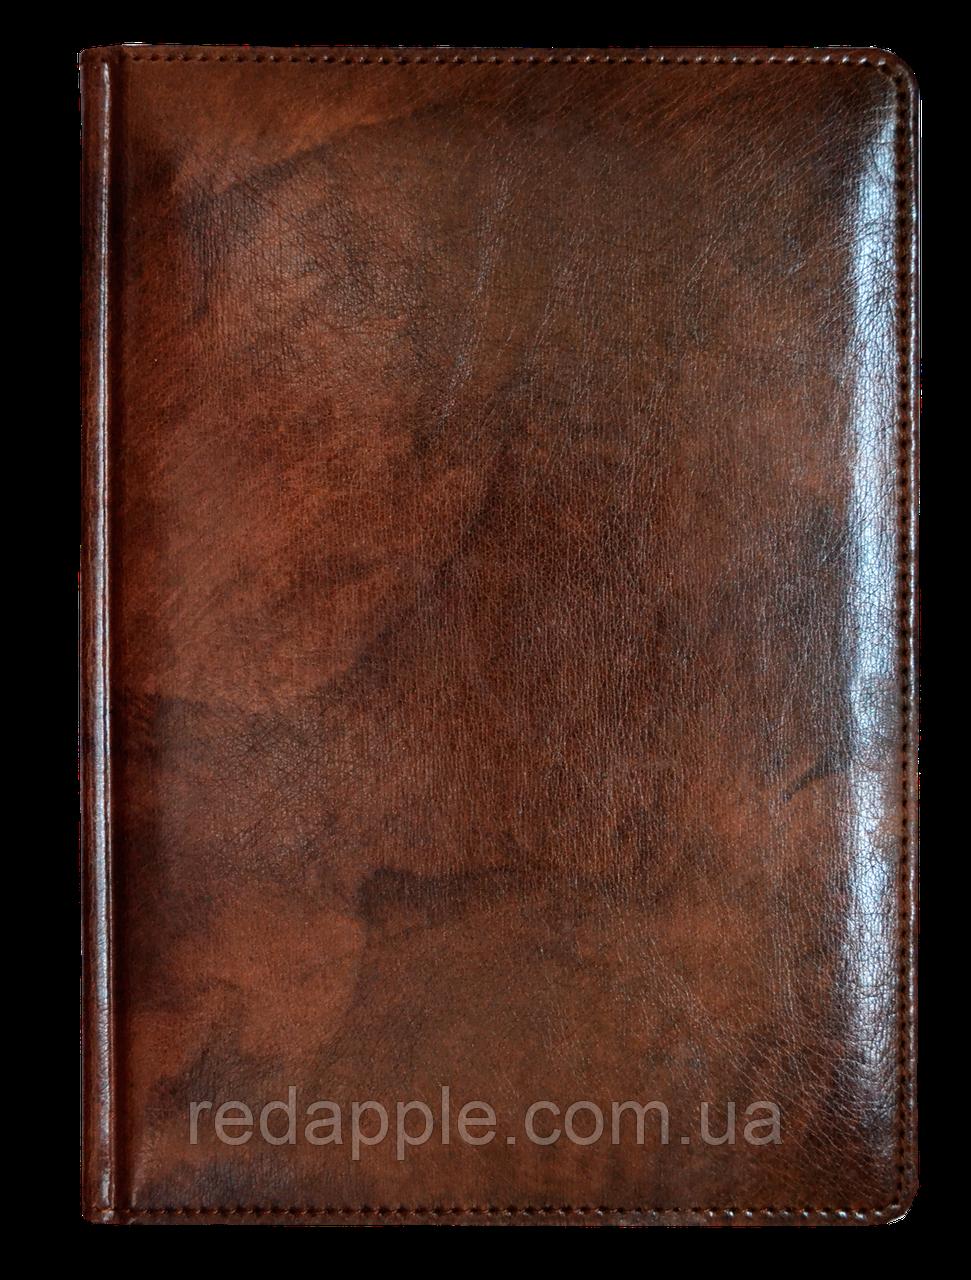 Ежедневник недат. А6 ЗВ-15 Madera коричневый